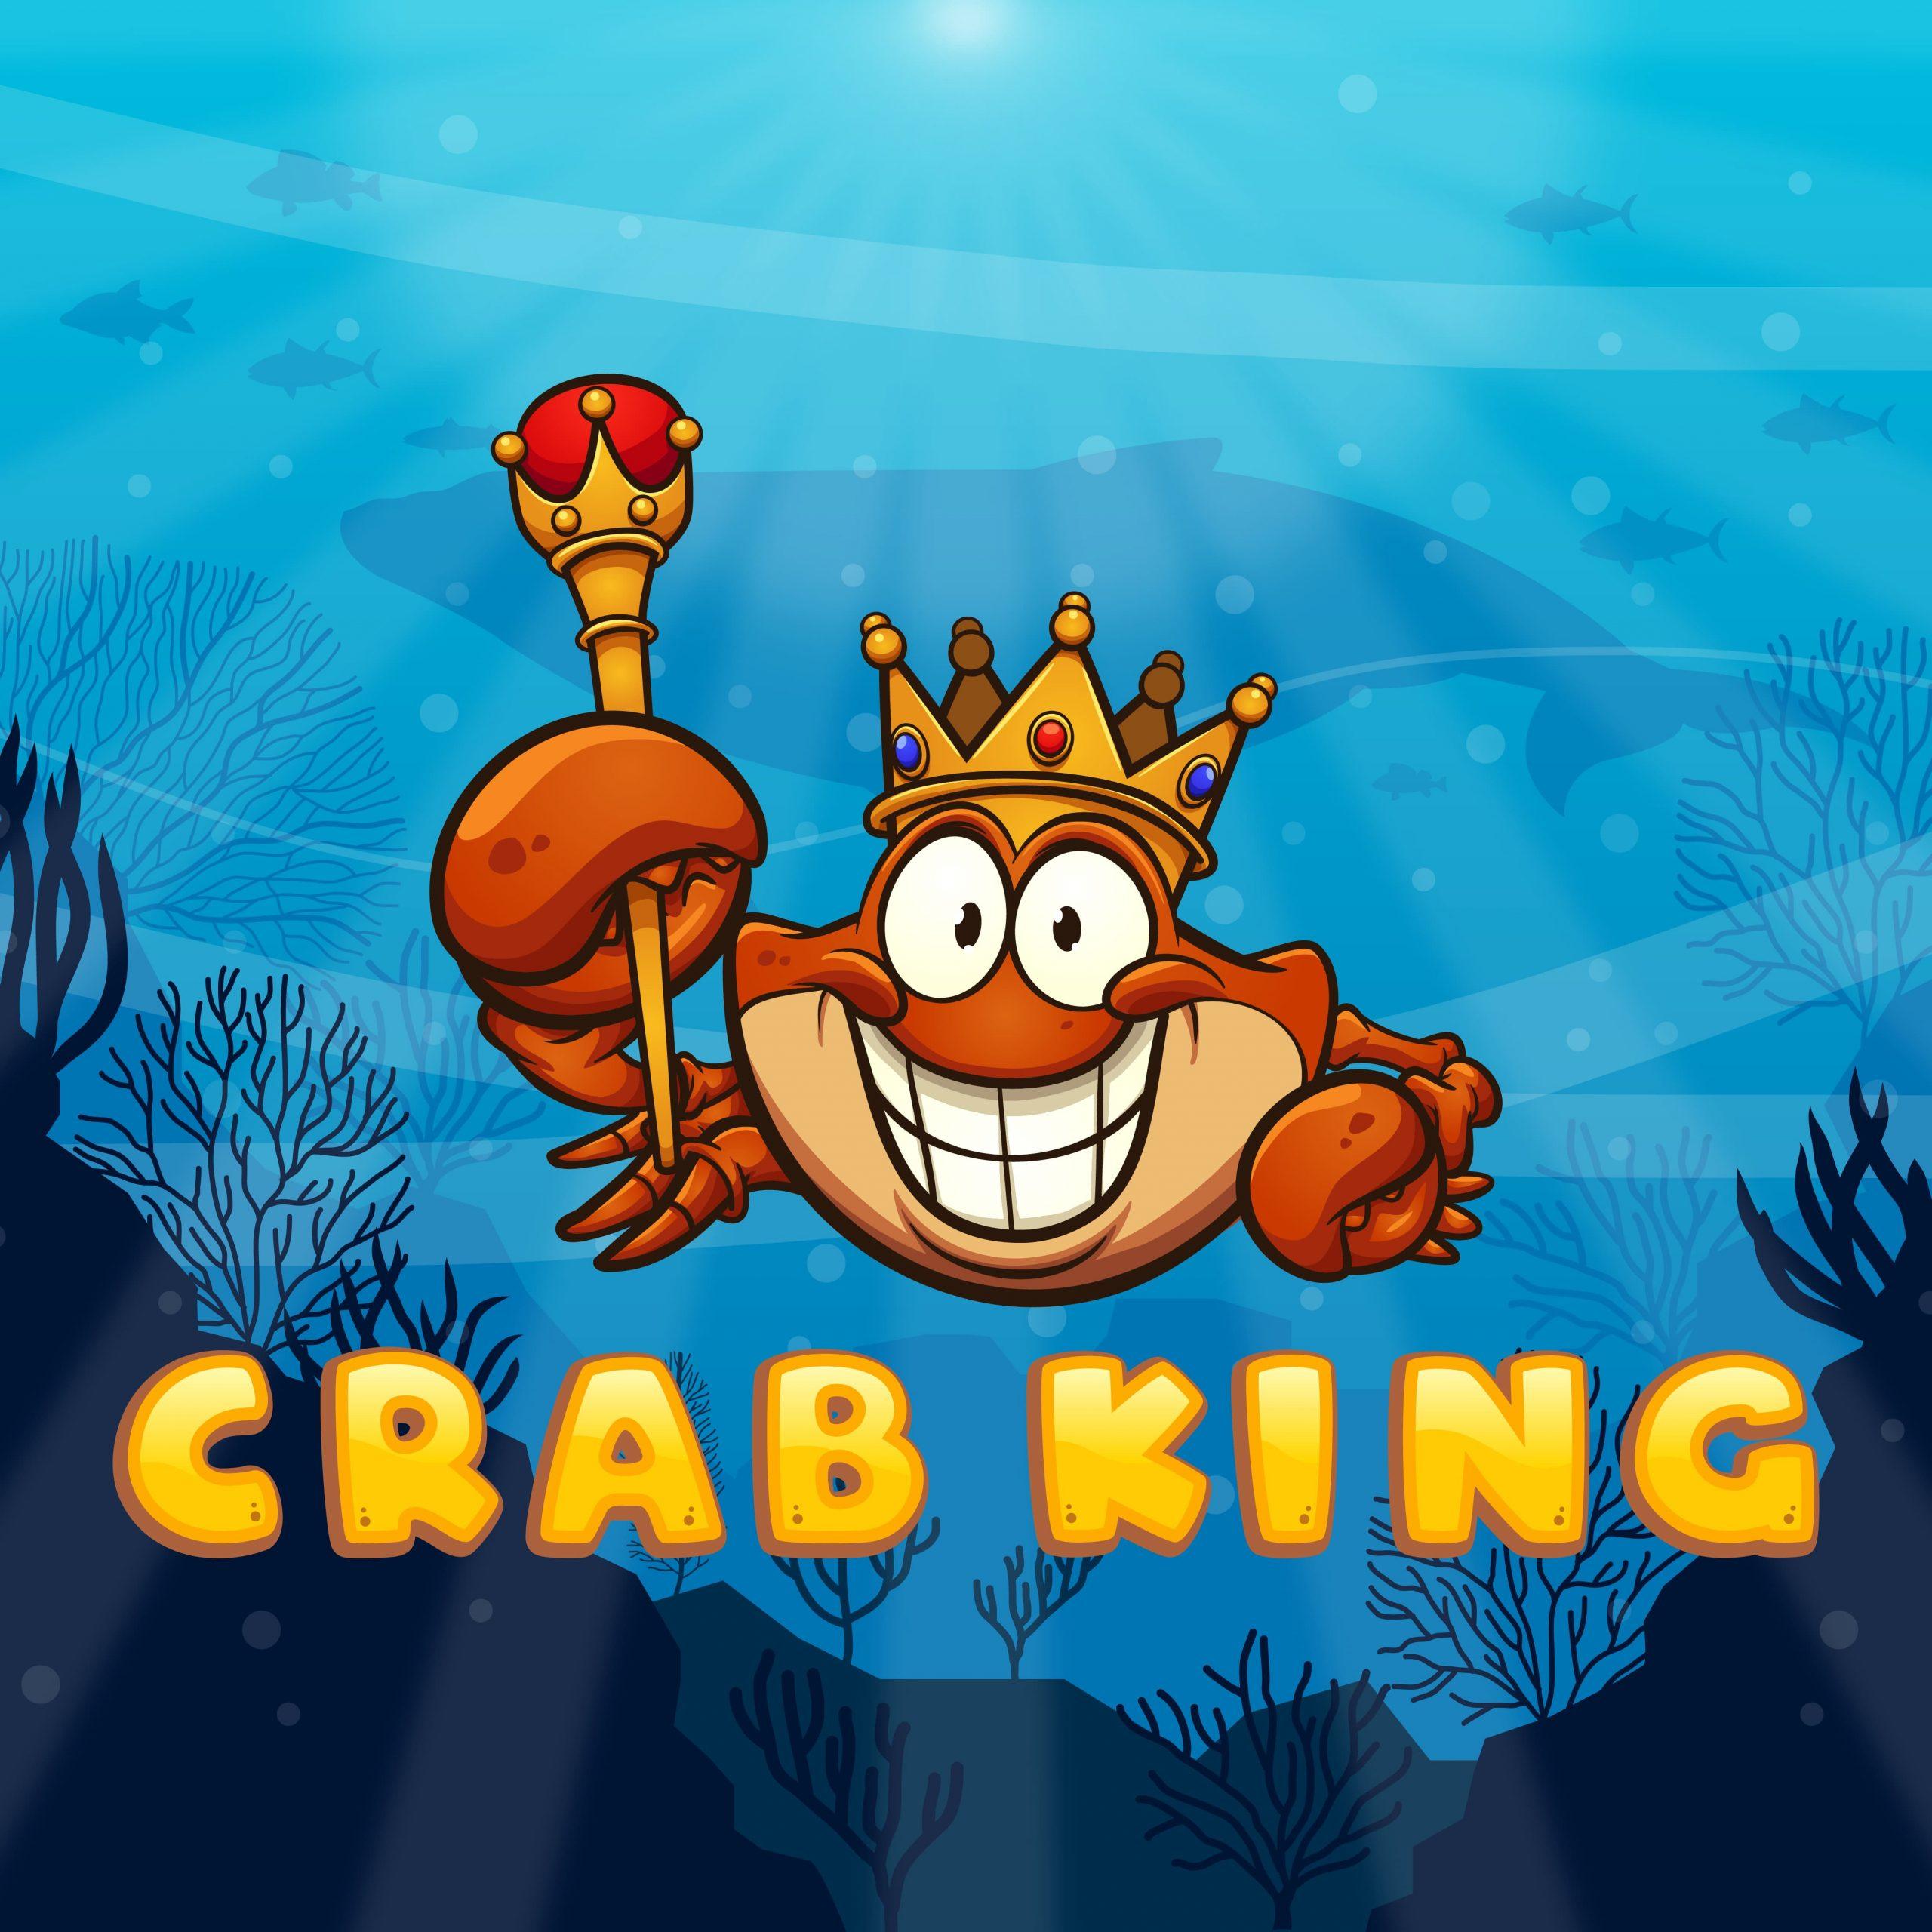 crab-king